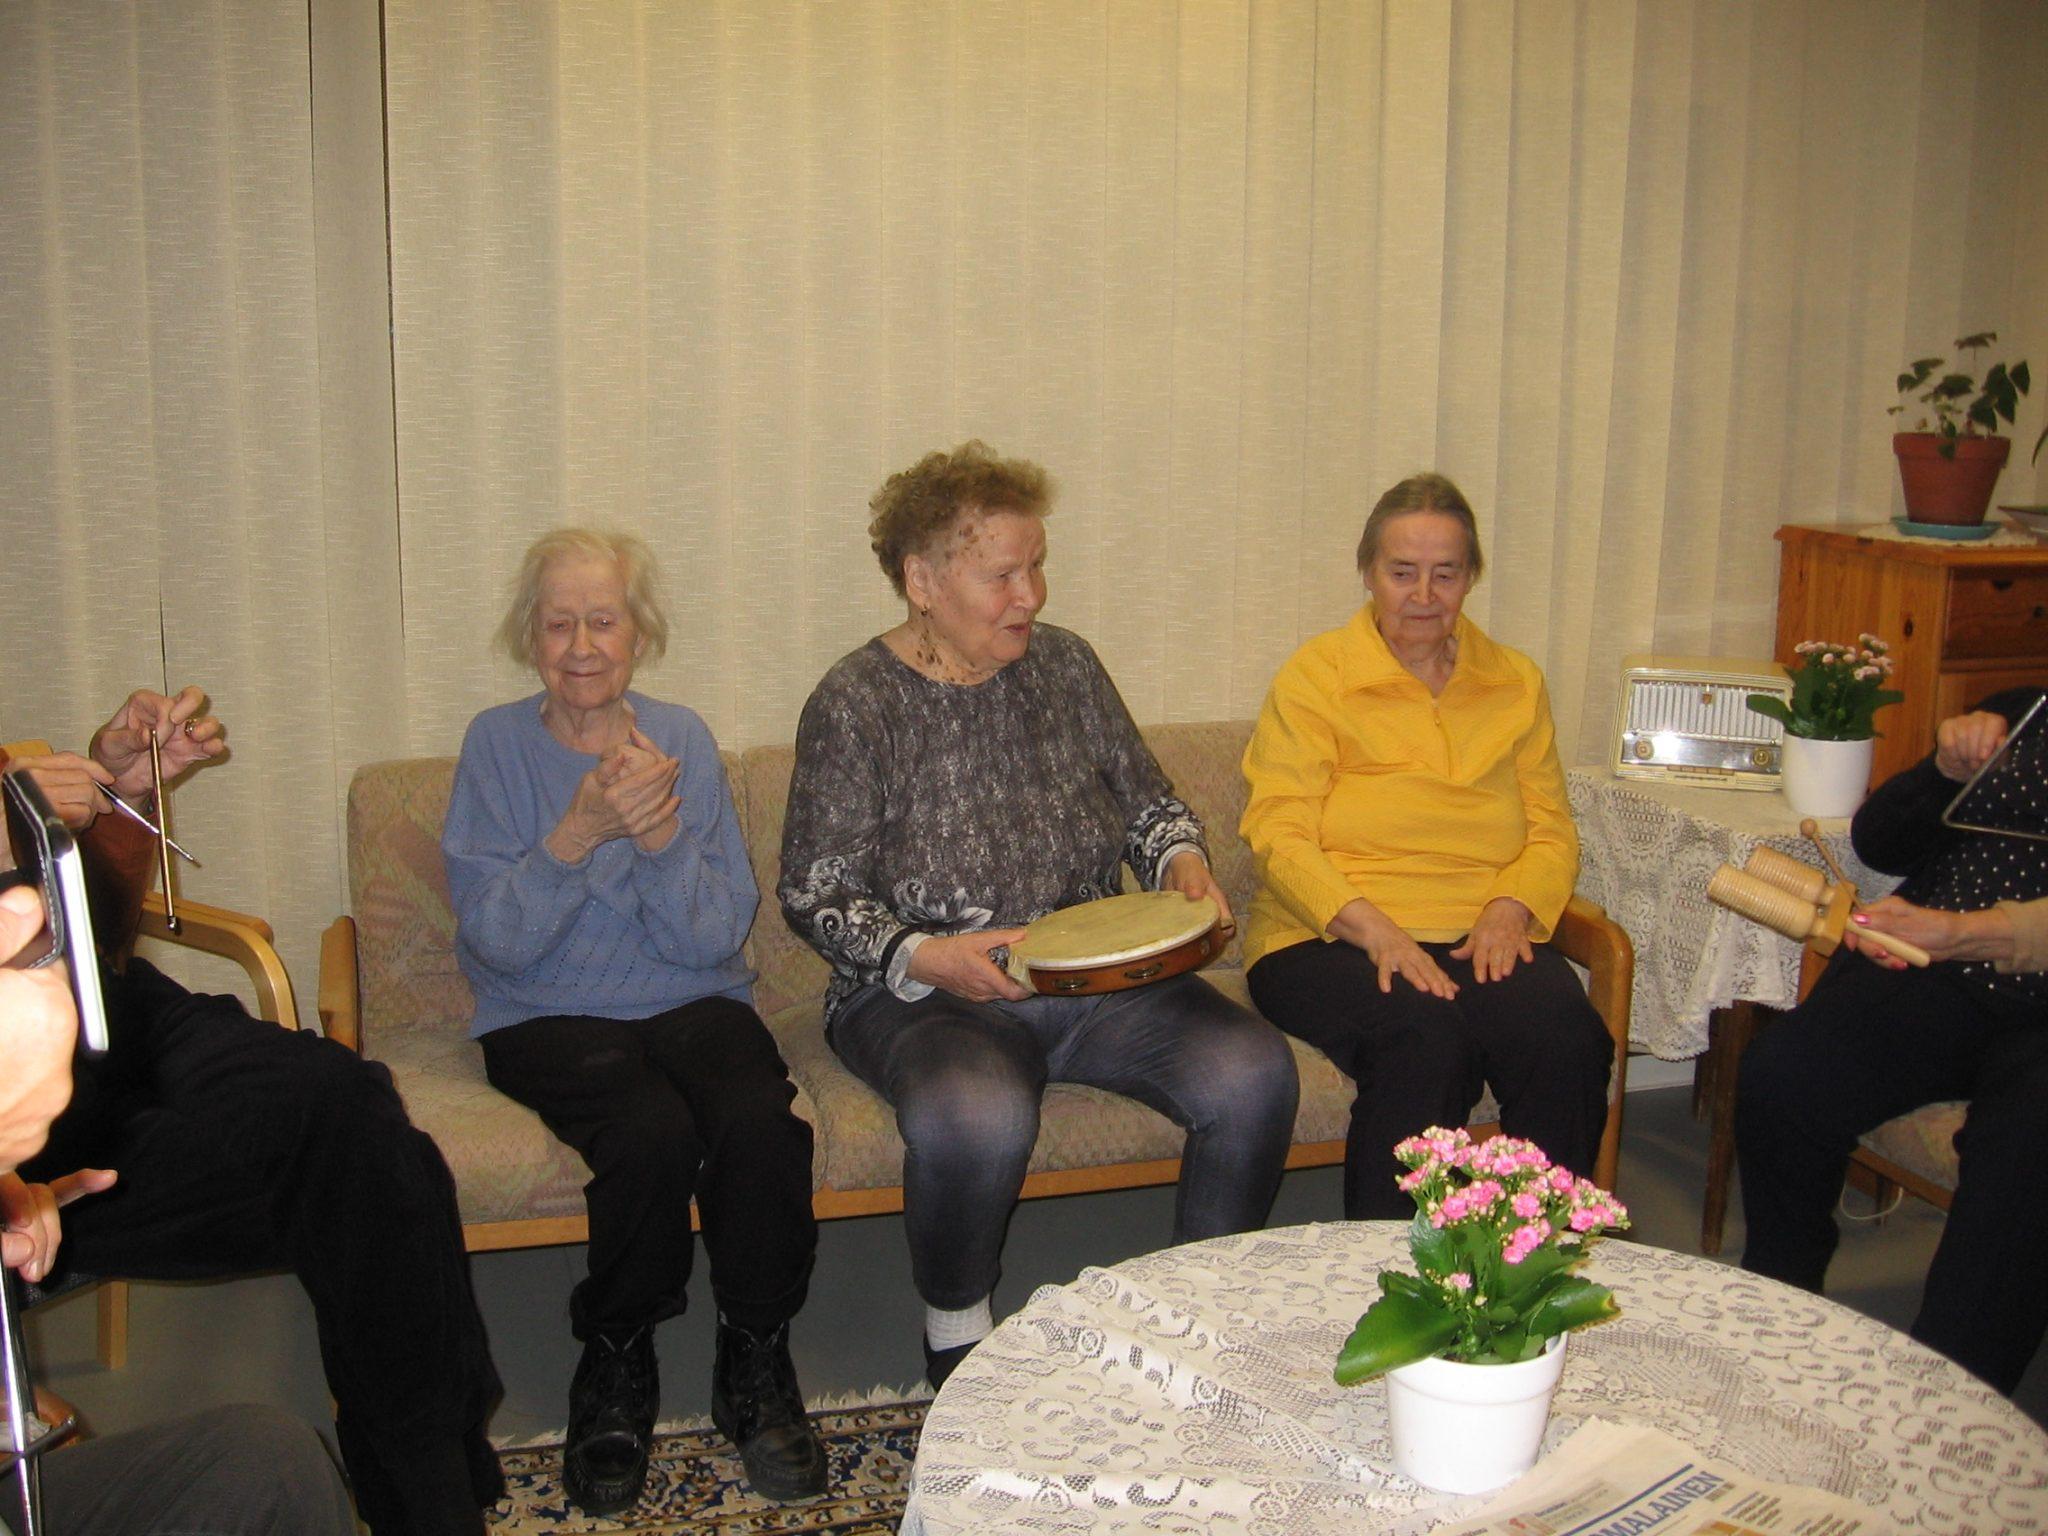 Muistisairaitten päivätoiminnassa edistetään osallisuutta